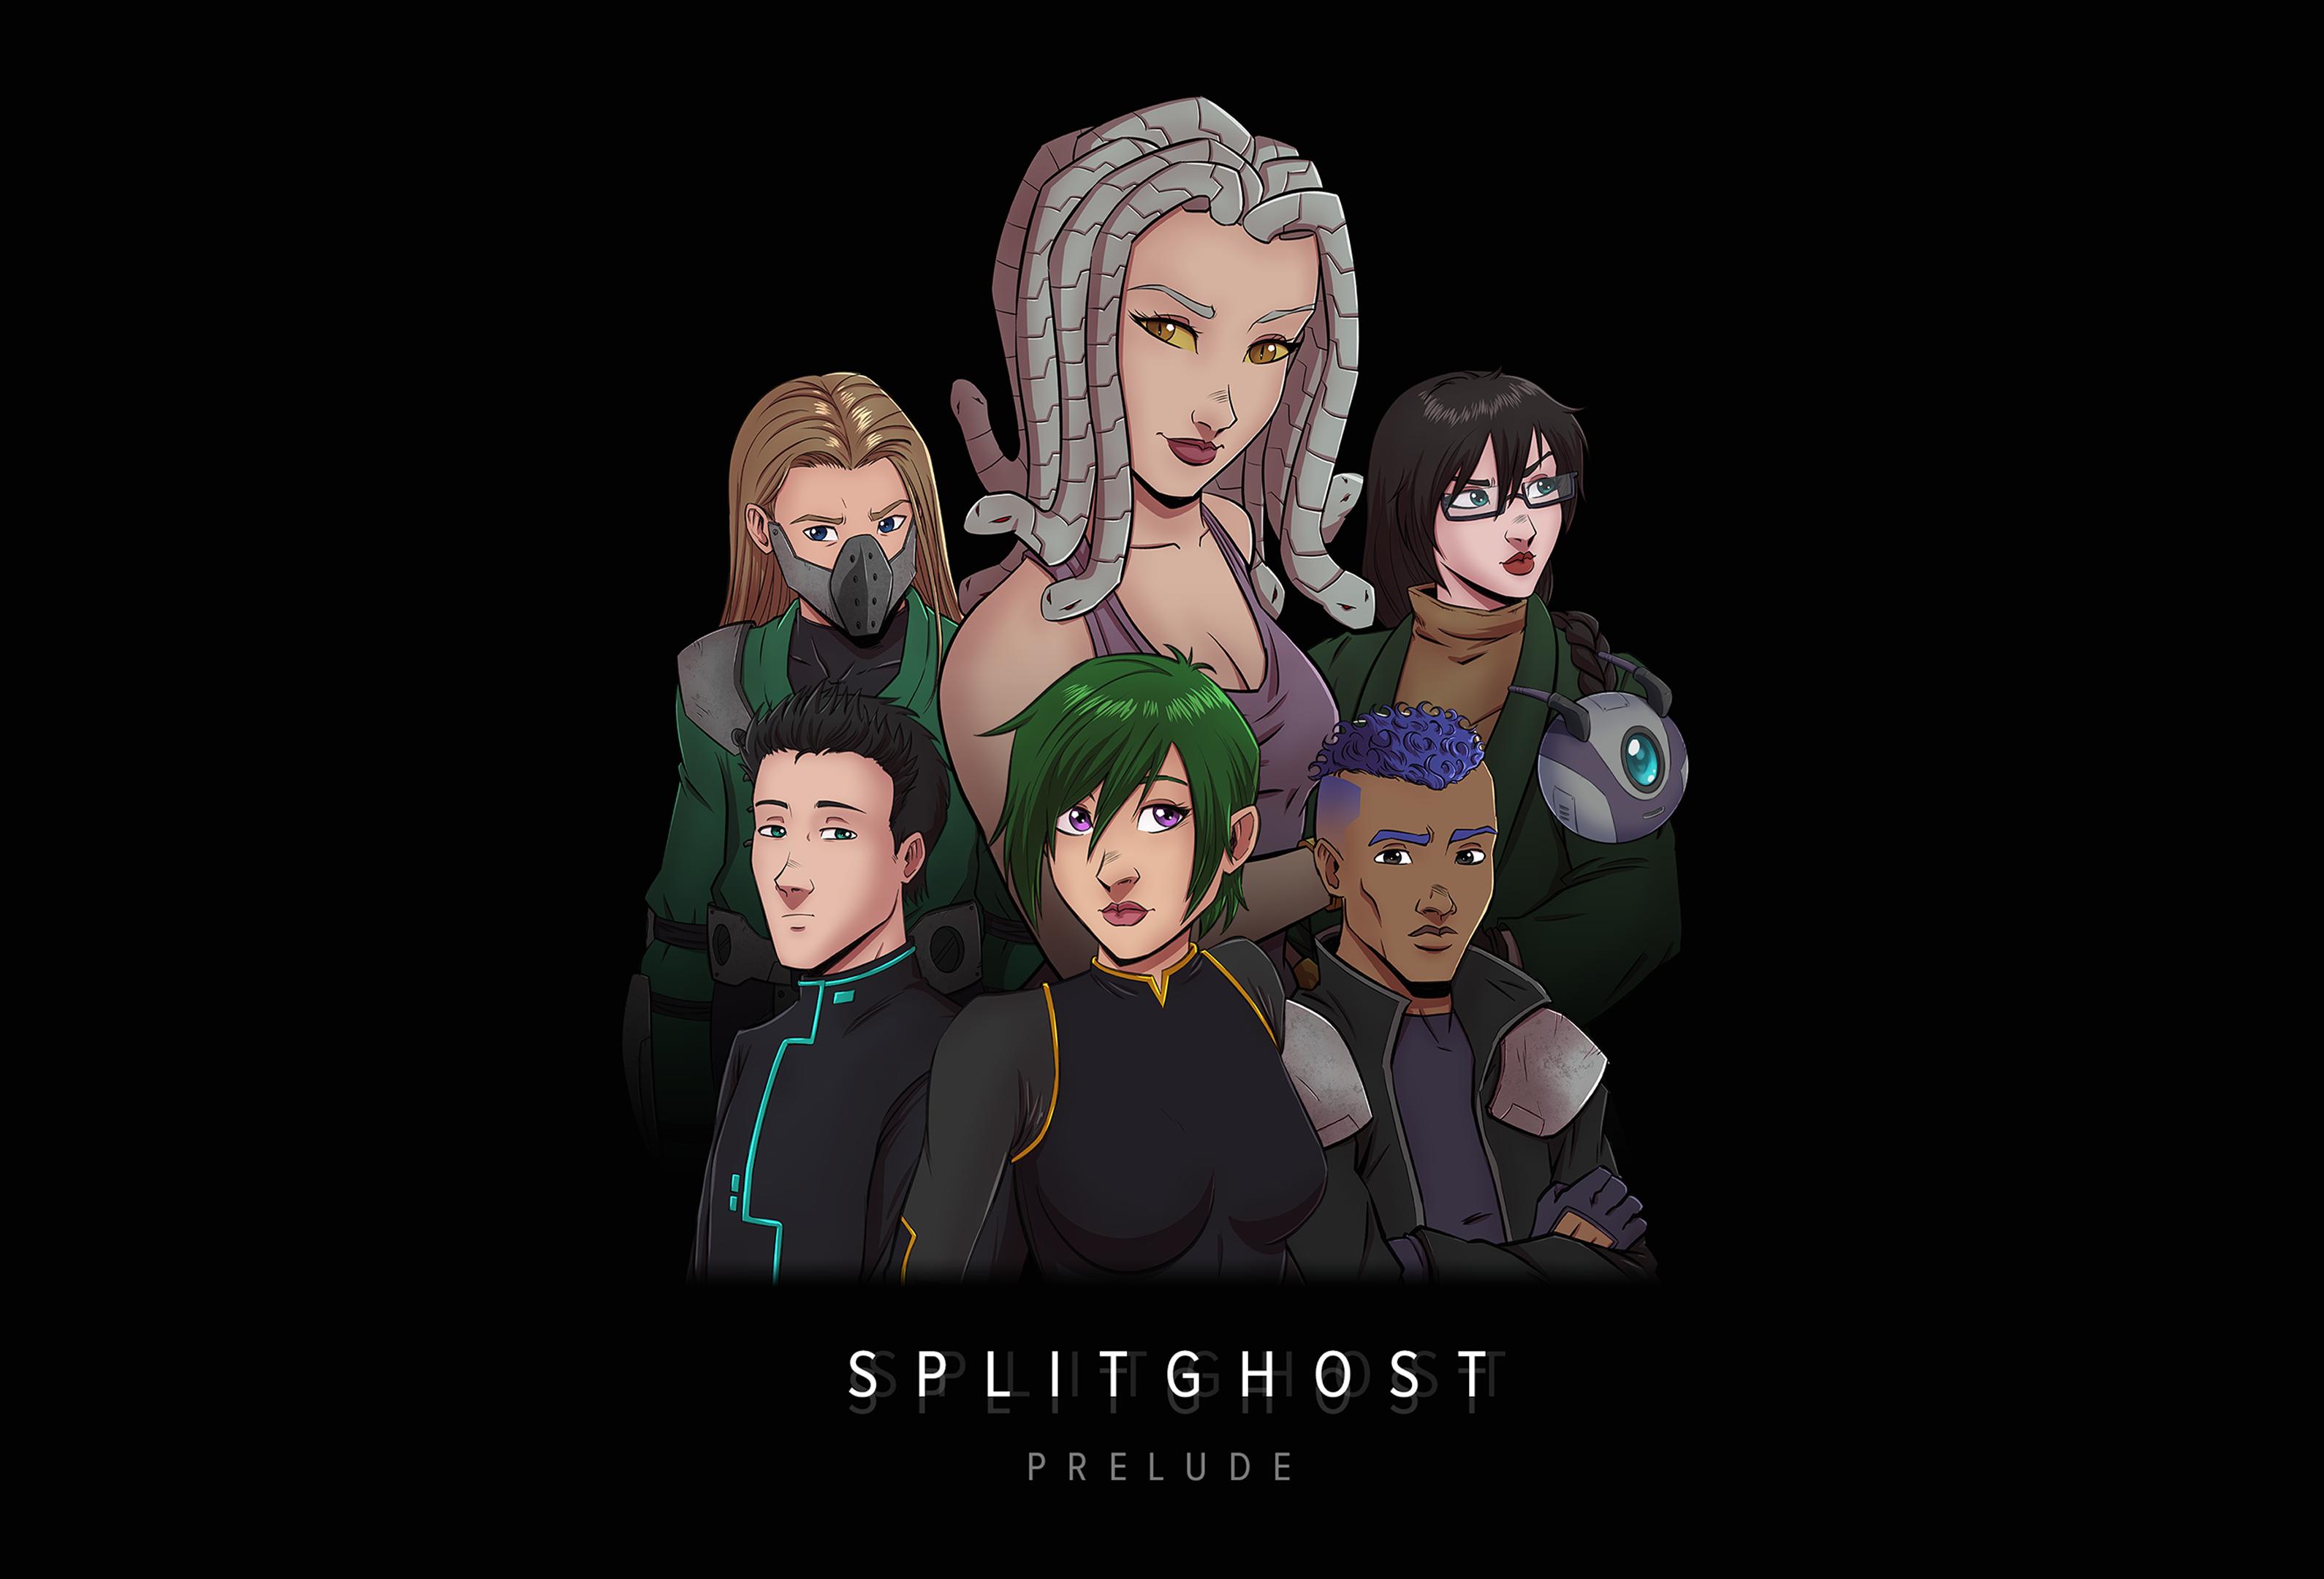 Splitghost - Prelude